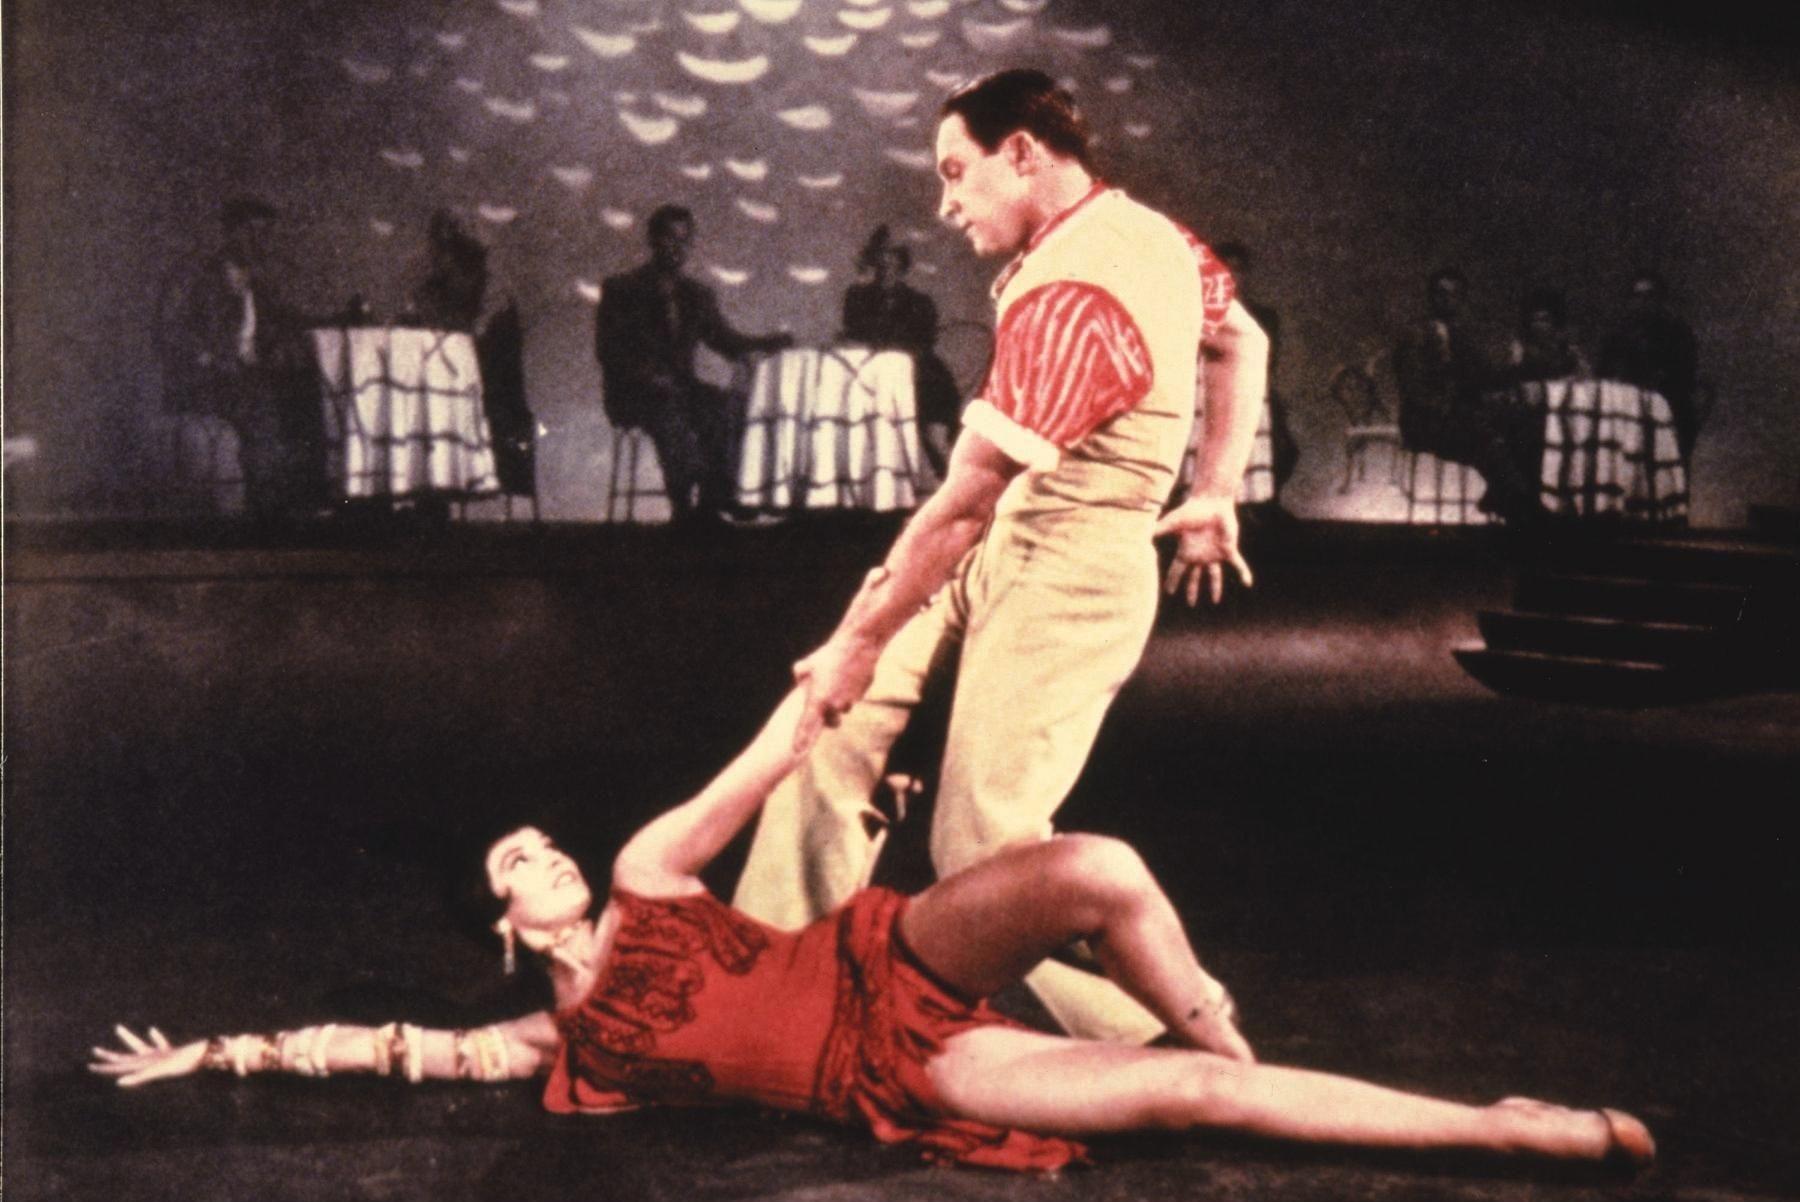 Still of Gene Kelly and Cyd Charisse in Singin' in the Rain (1952) http://www.movpins.com/dHQwMDQ1MTUy/singin/still-2508634880